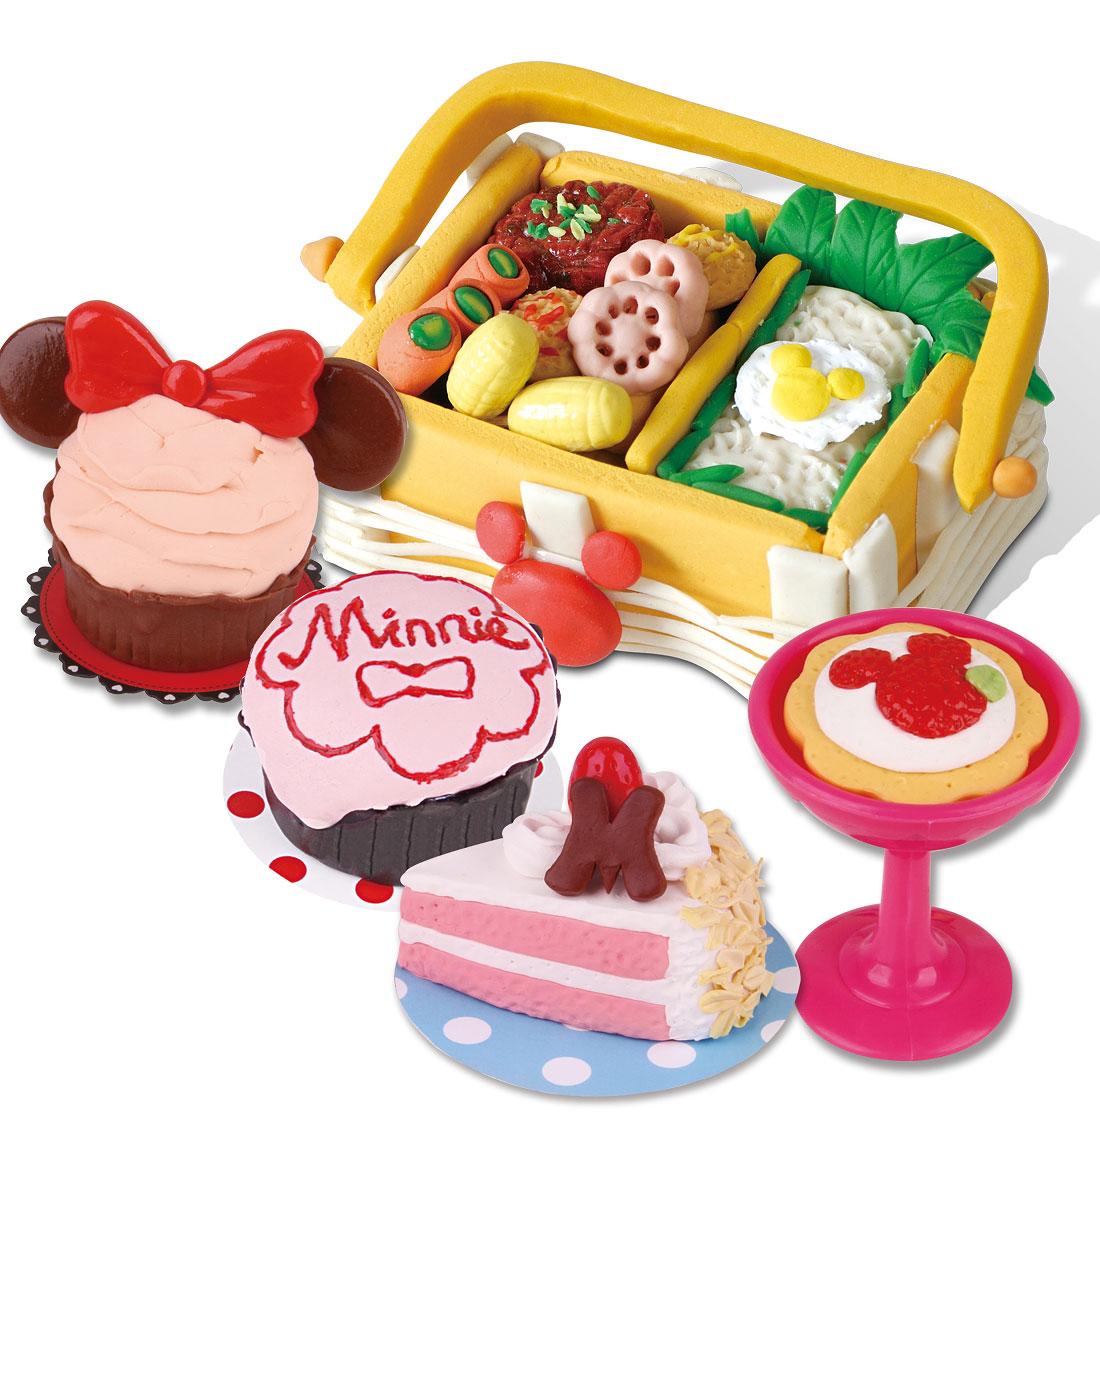 迪士尼disney家居用品专场-欢乐午餐彩泥套装